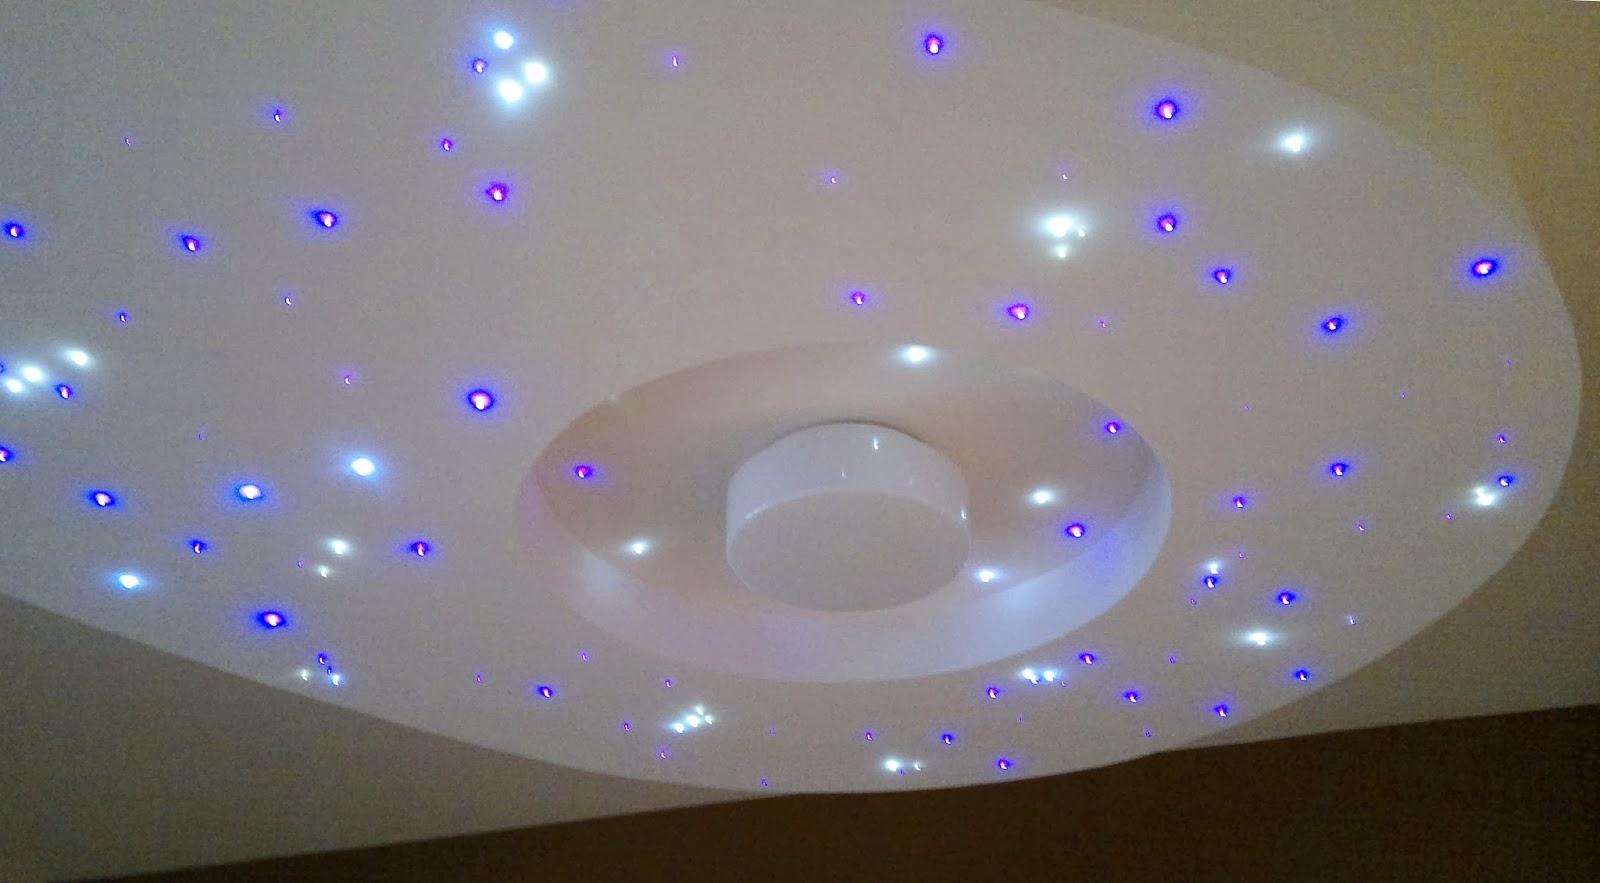 Plafoniere Led Cielo Stellato : Cielo stellato led controsoffitto illuminazione casa